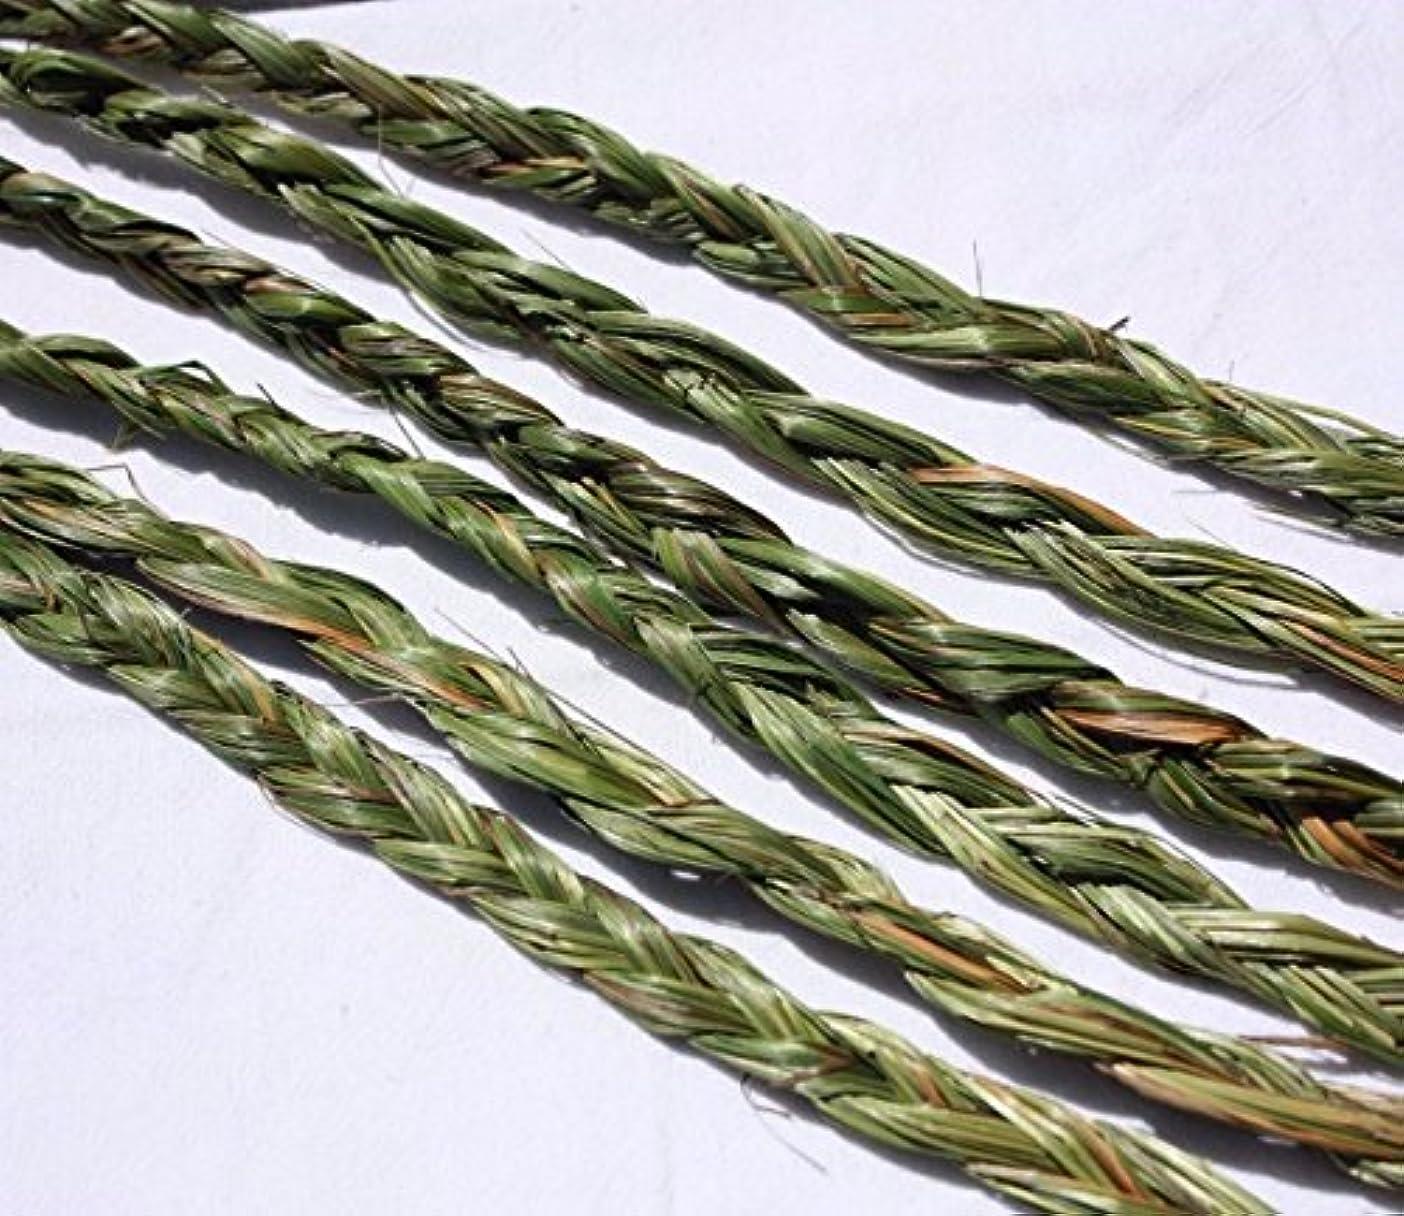 はがき受付クレアオーラVariety Braided Sweetgrass for Smudging – 20